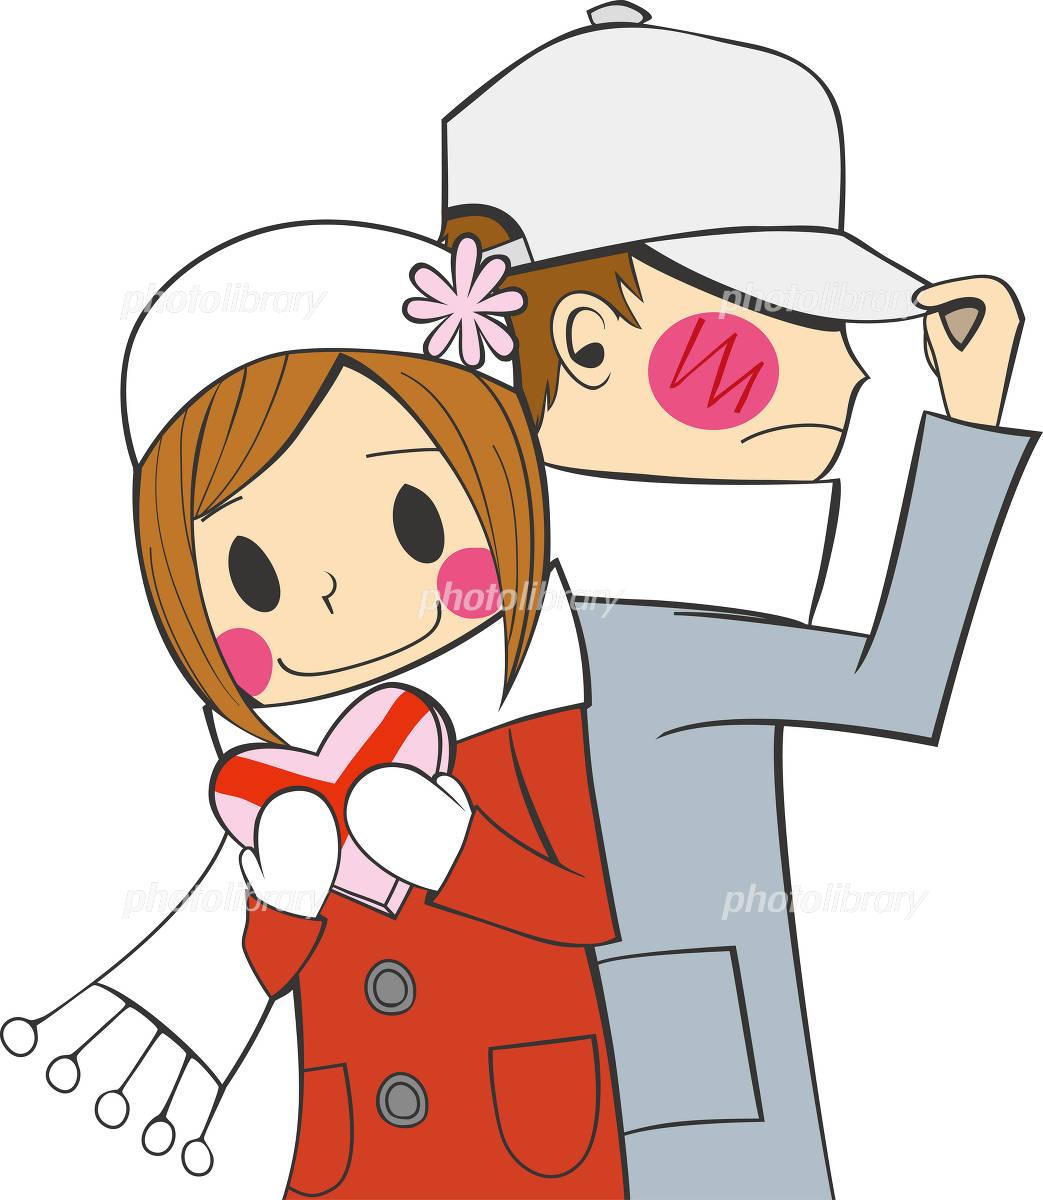 バレンタイン プレゼントを渡す女の子 照れる男の子 イラスト素材